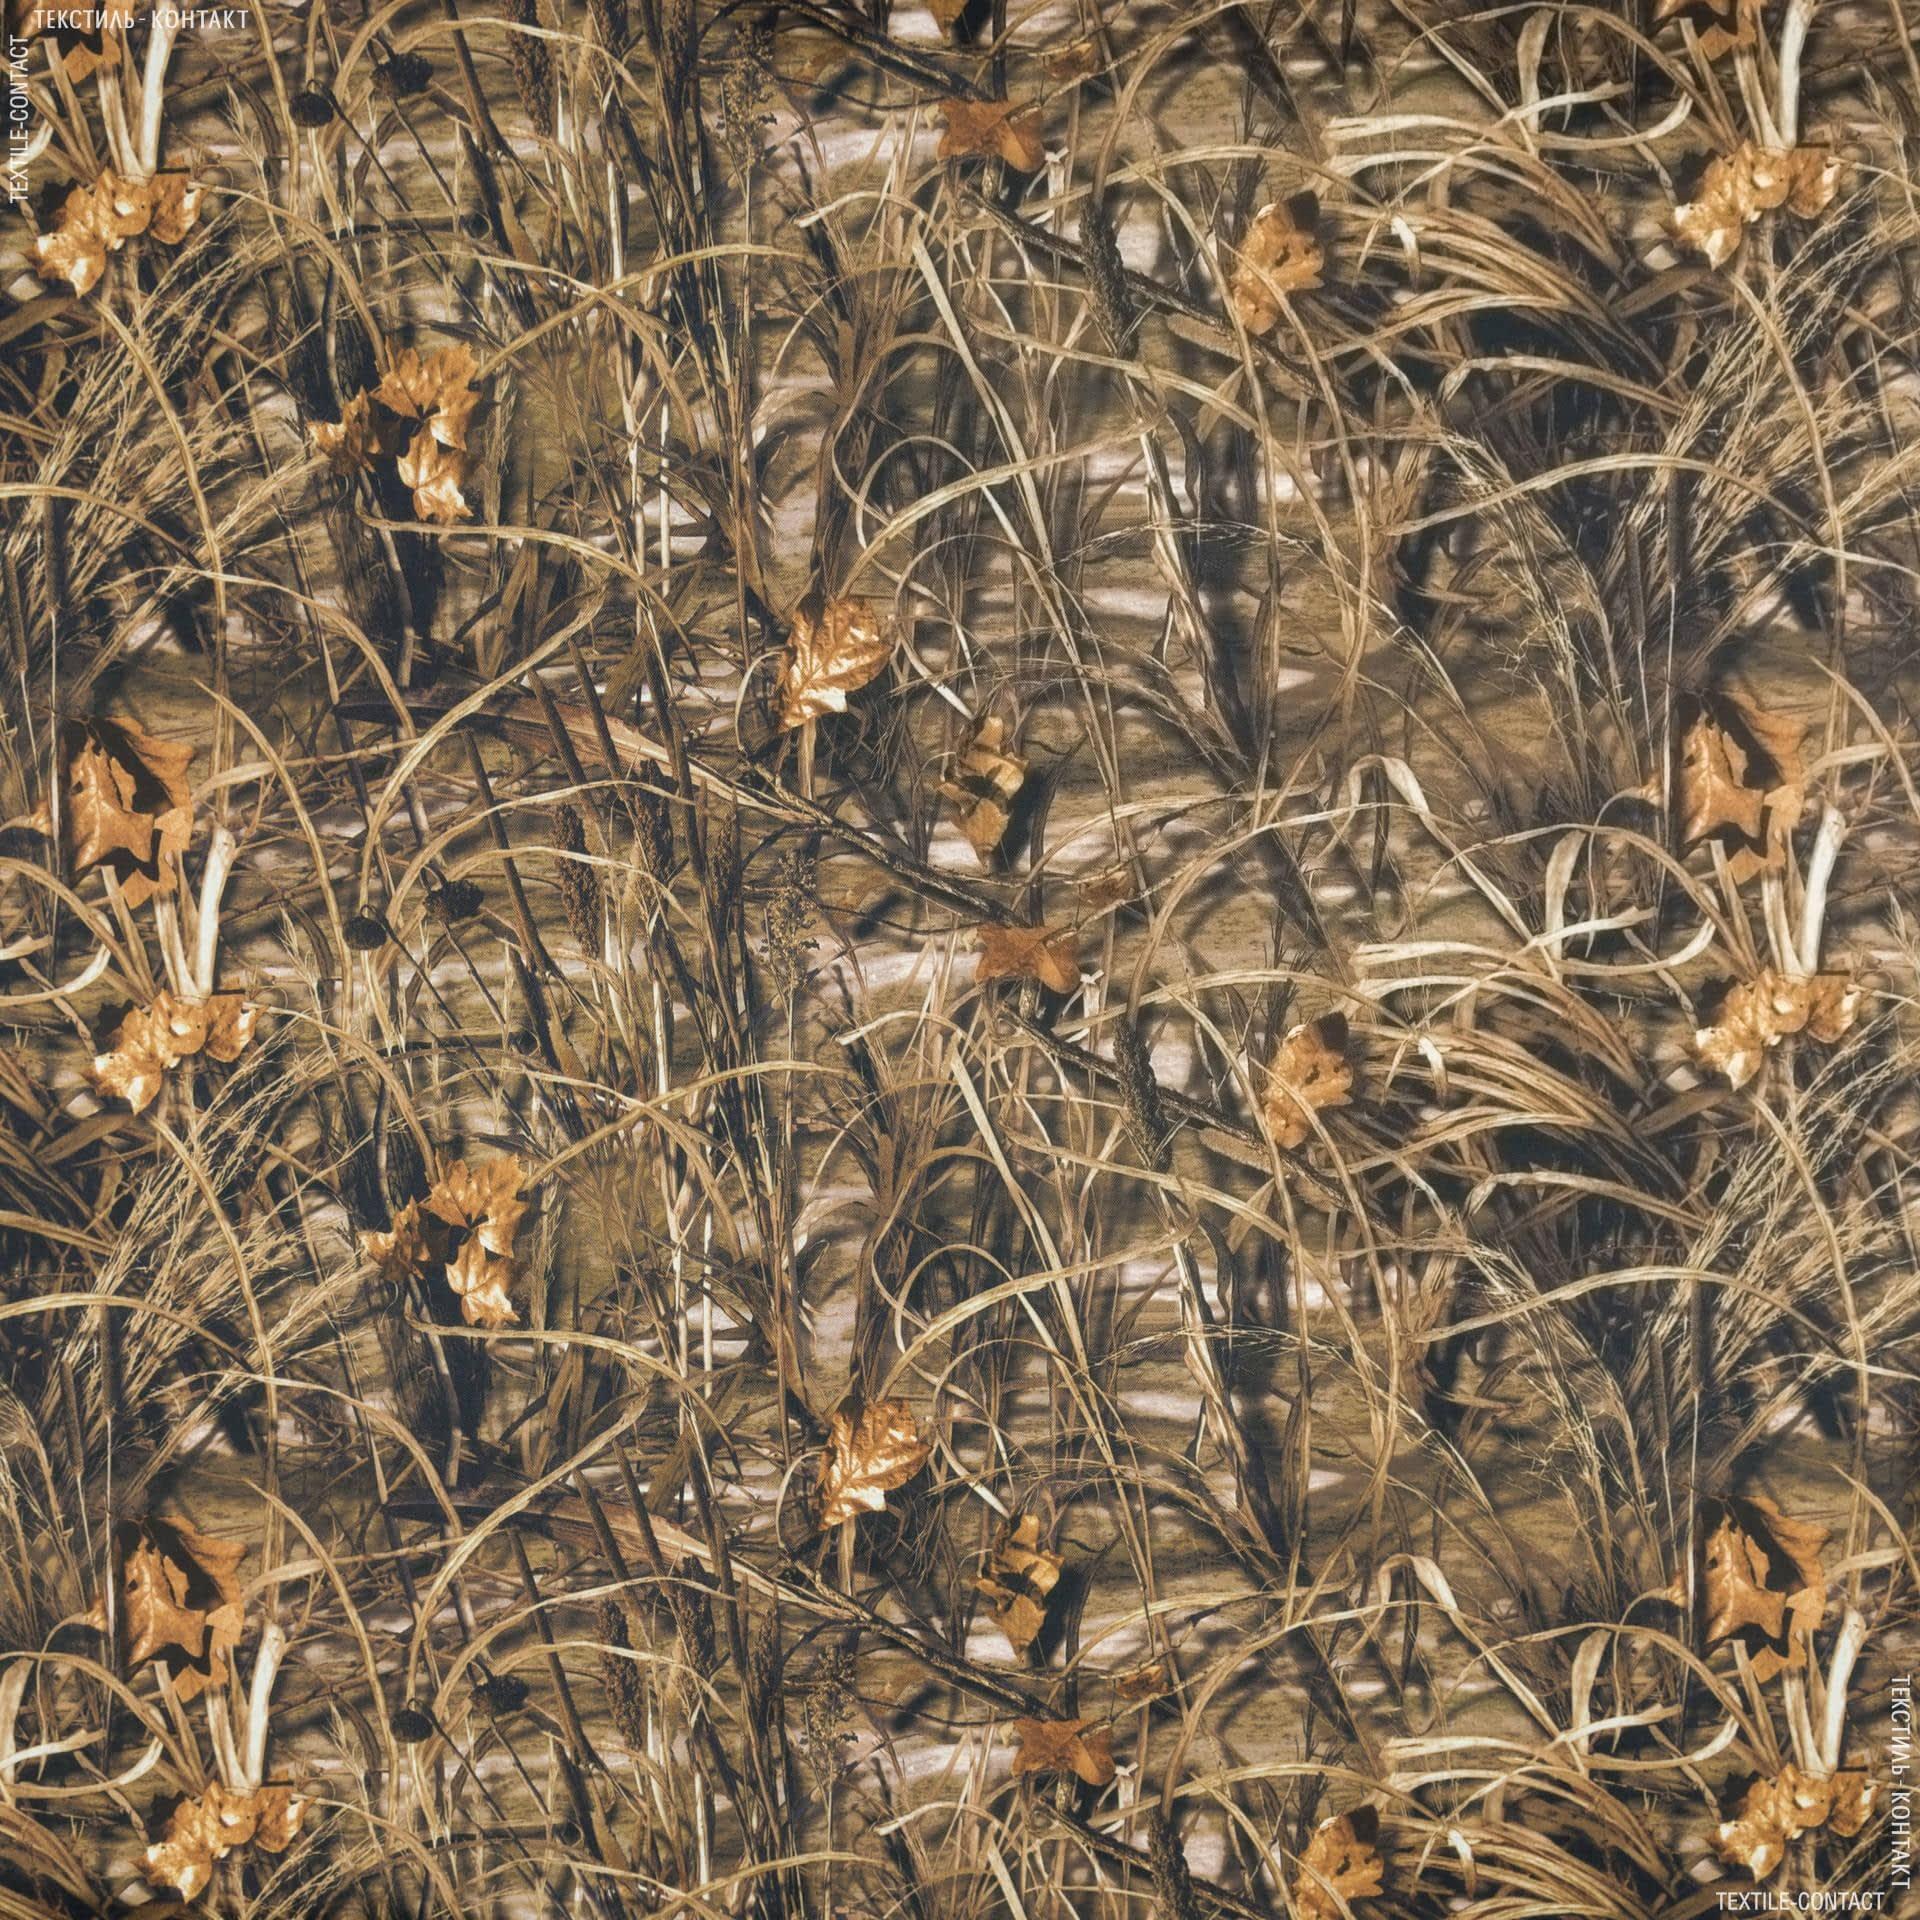 Ткани для палаток - Оксфорд 215 камуфляжный камыш